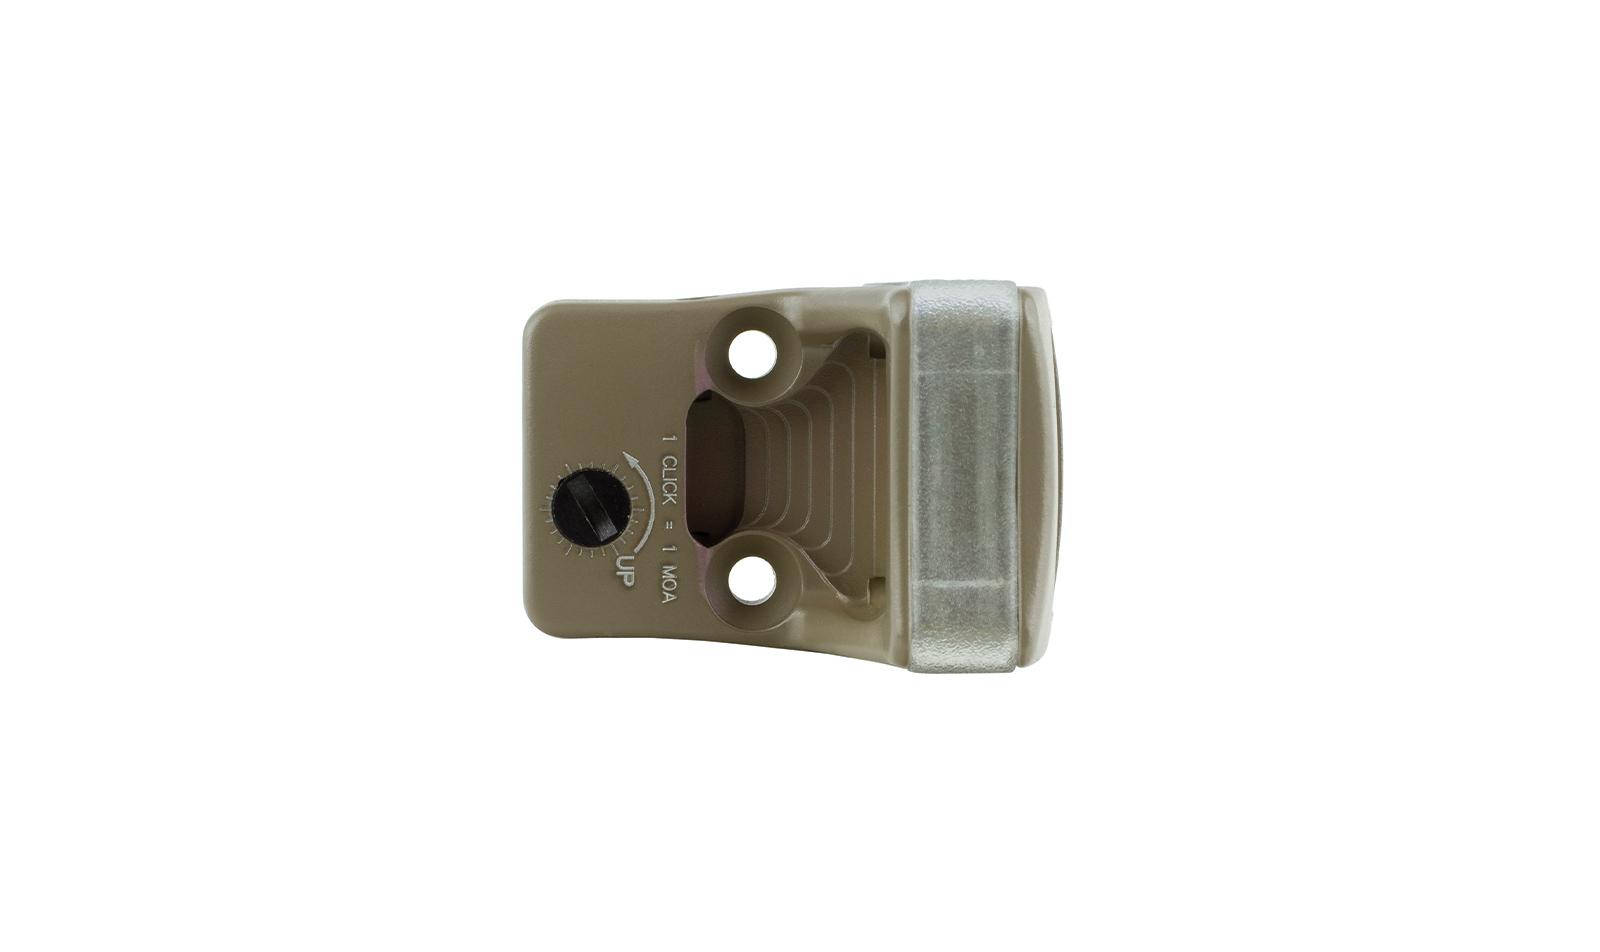 RM04-C-700165 angle 9